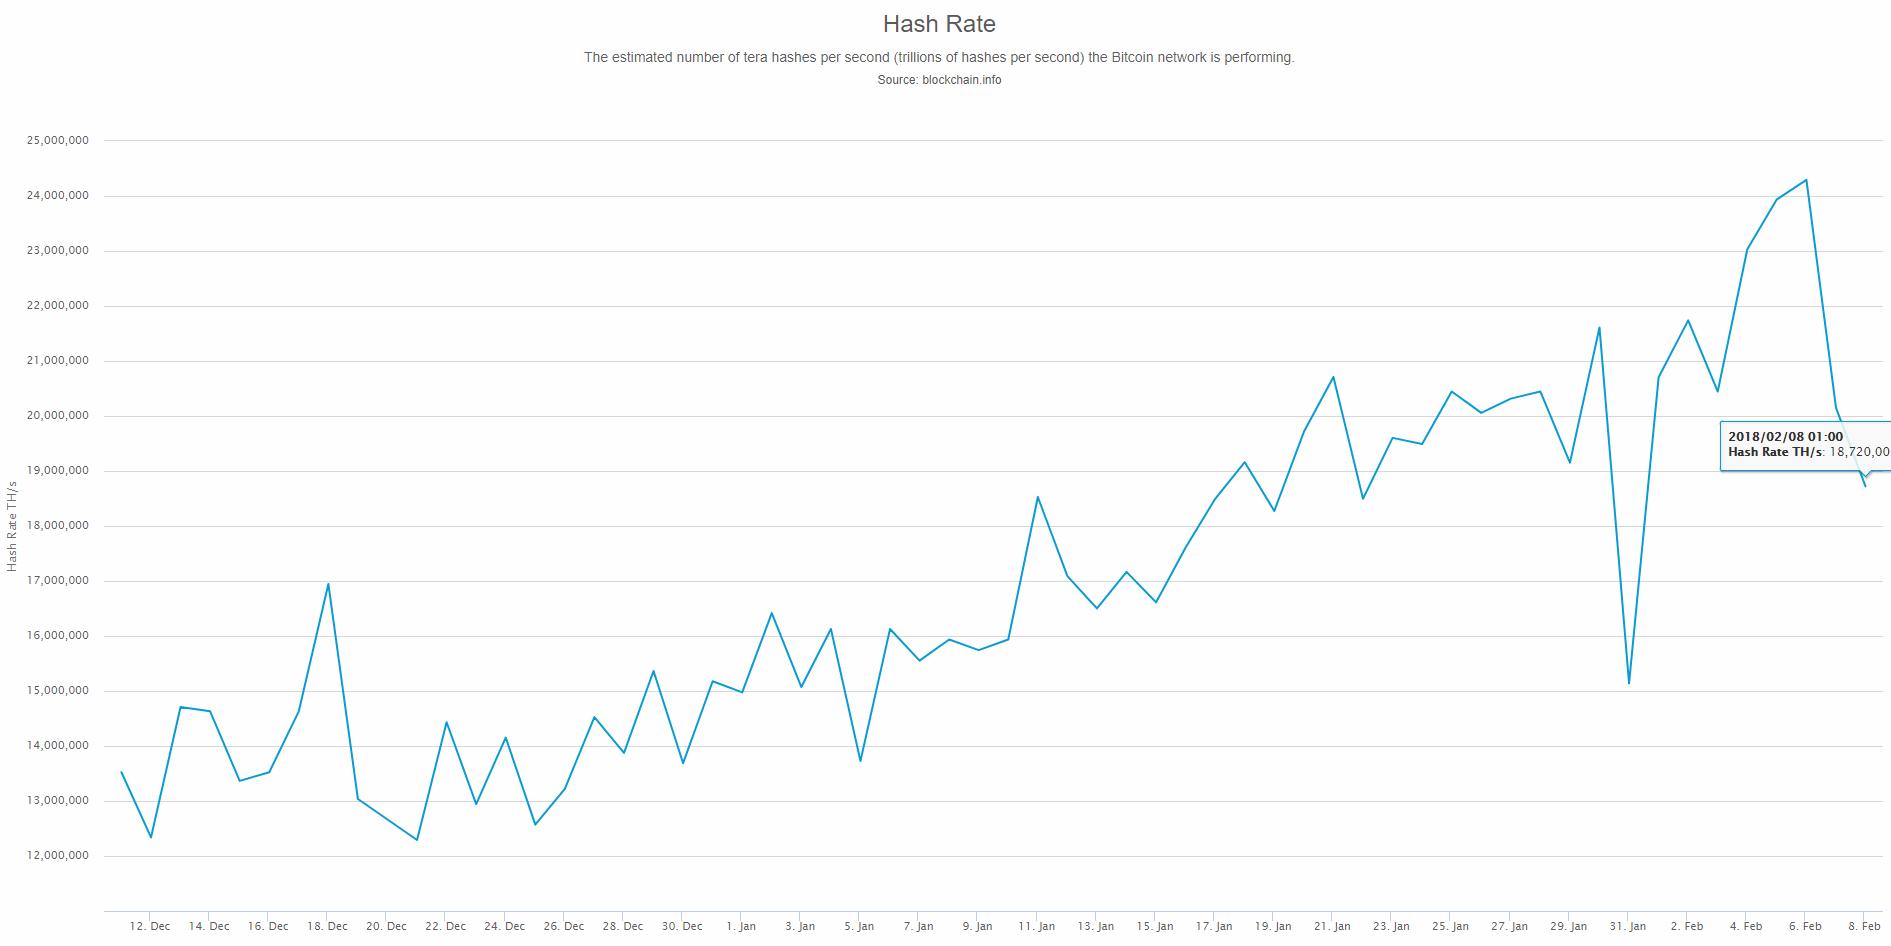 L'évolution du taux de hachage du réseau Bitcoin au 9 février 2018